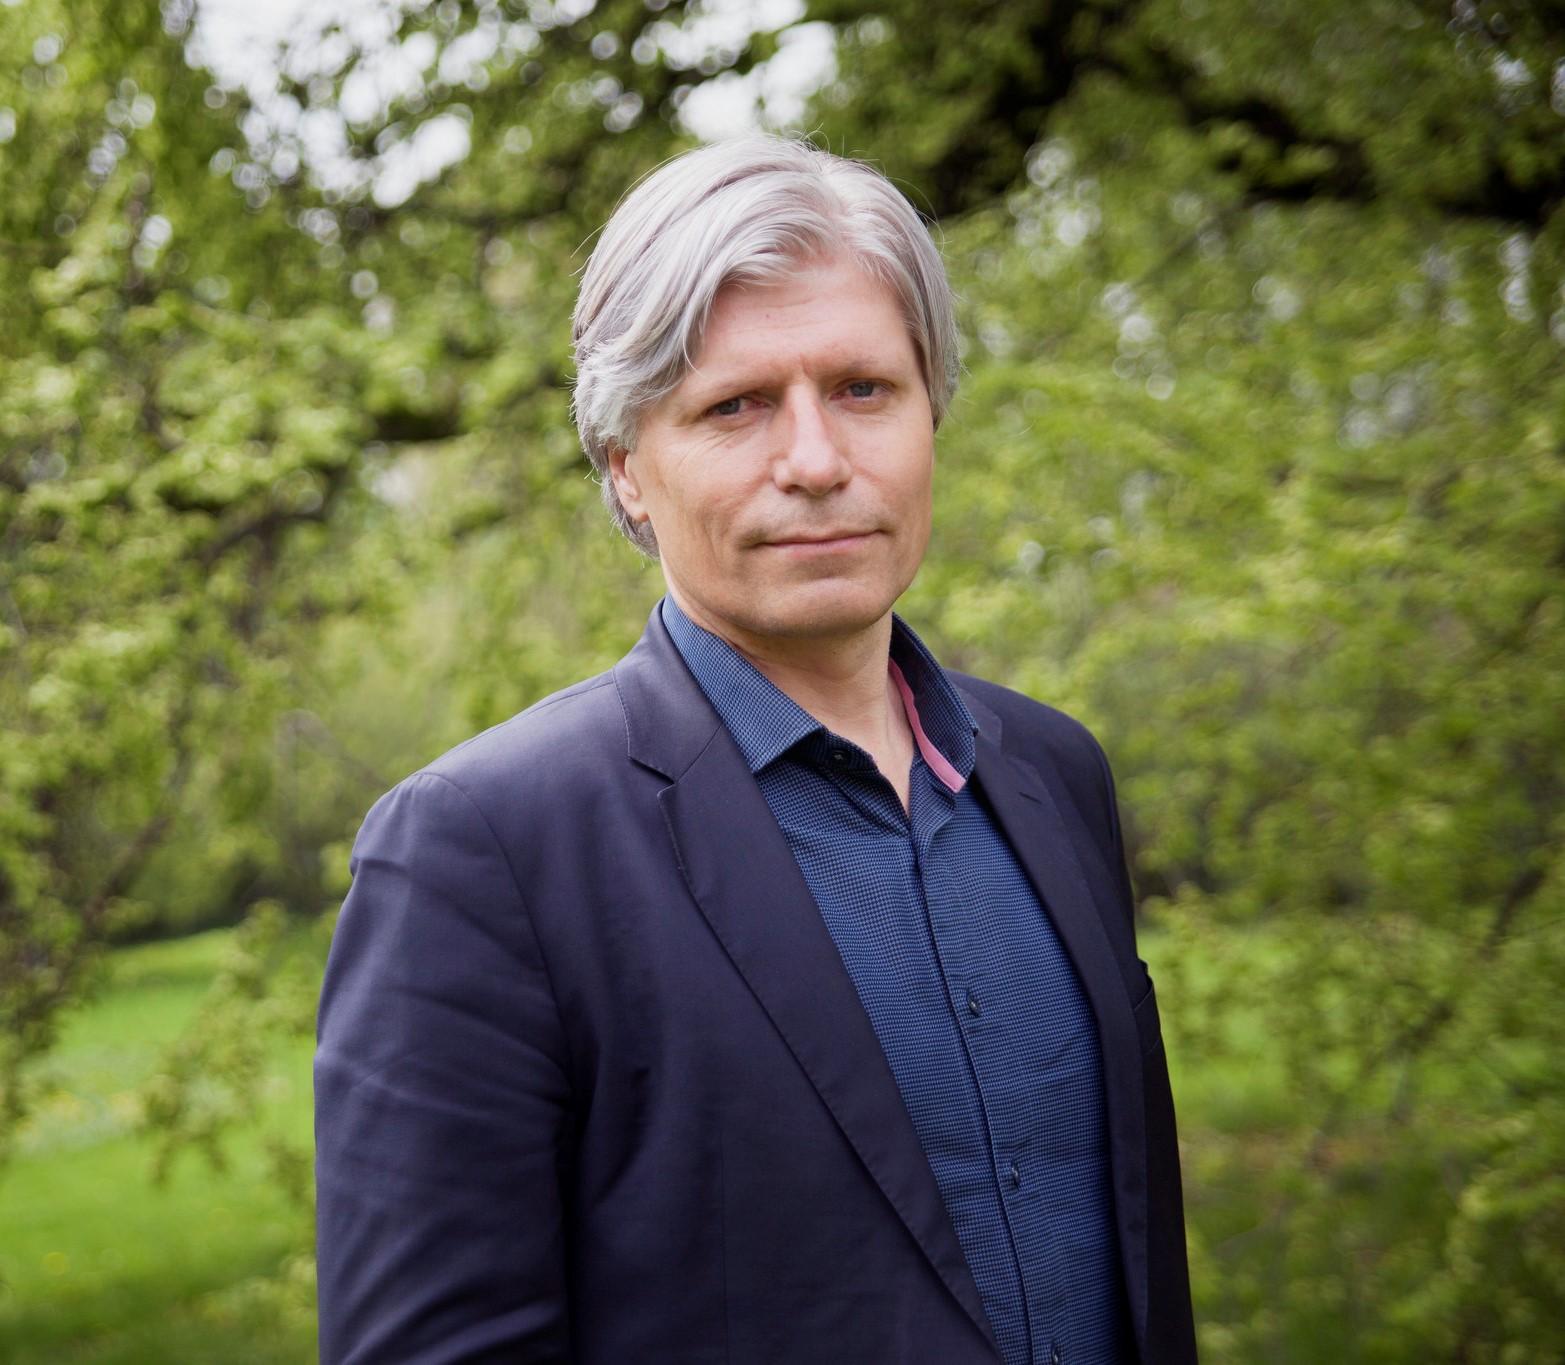 Klima- og miljøminister Ola Elvestuen har vært i hardt vær i høst. Foto: Mona Lindseth/Venstre